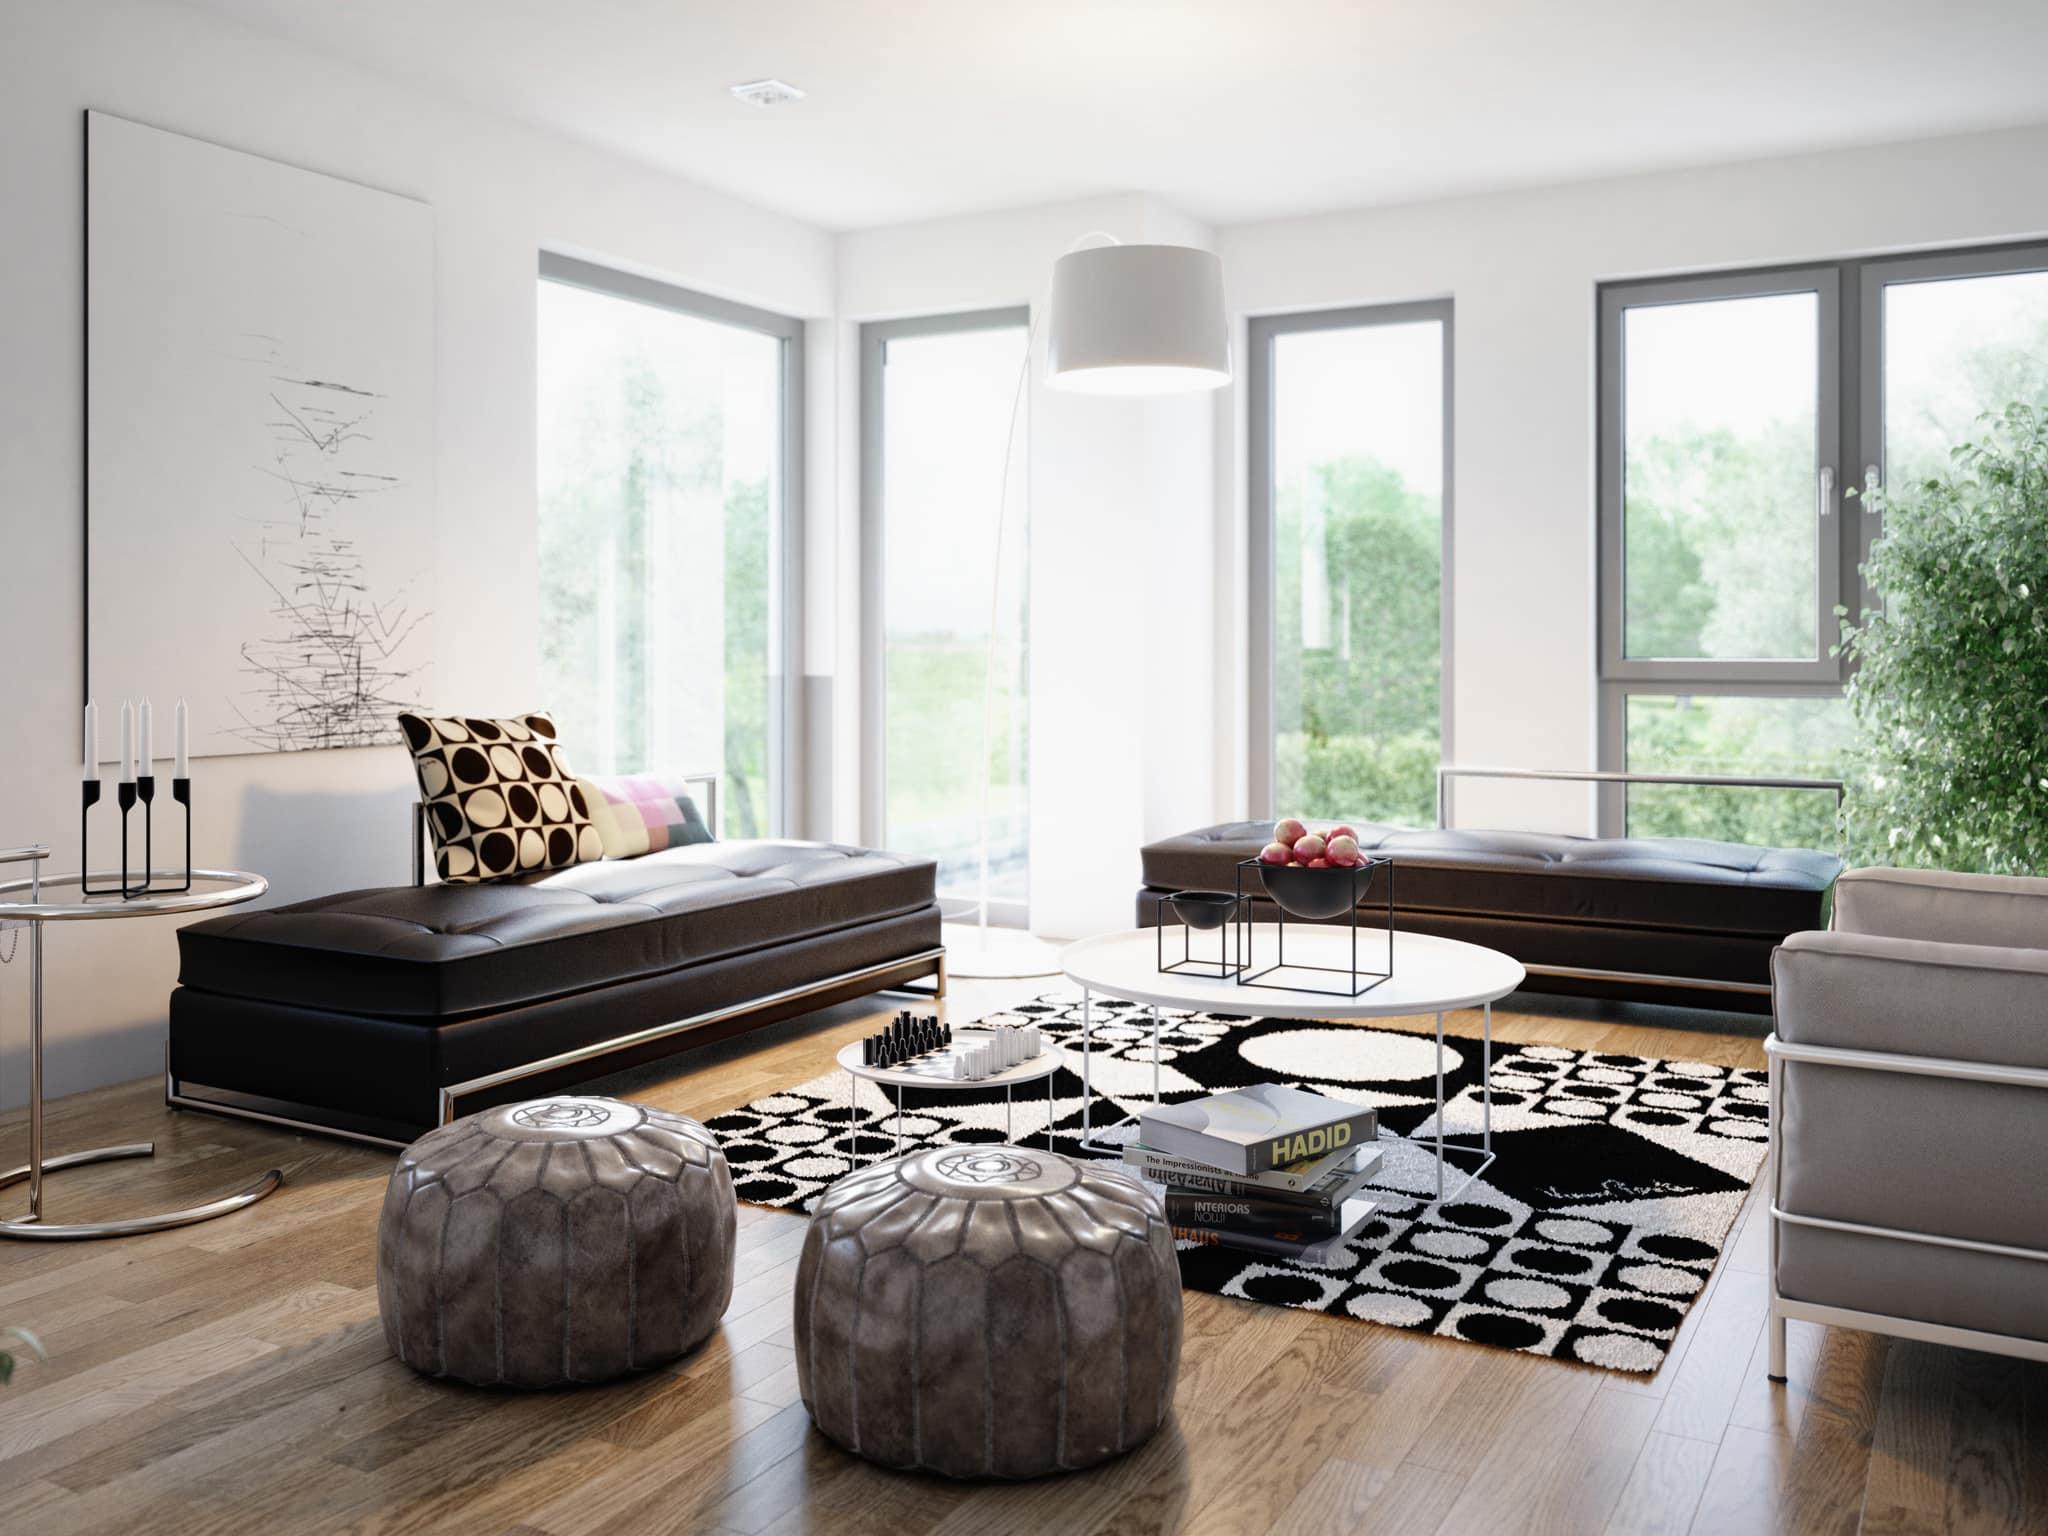 Wohnzimmer Ideen - Einfamilienhaus Inneneinrichtung Living Haus SUNSHINE 151 V3 - HausbauDirekt.de